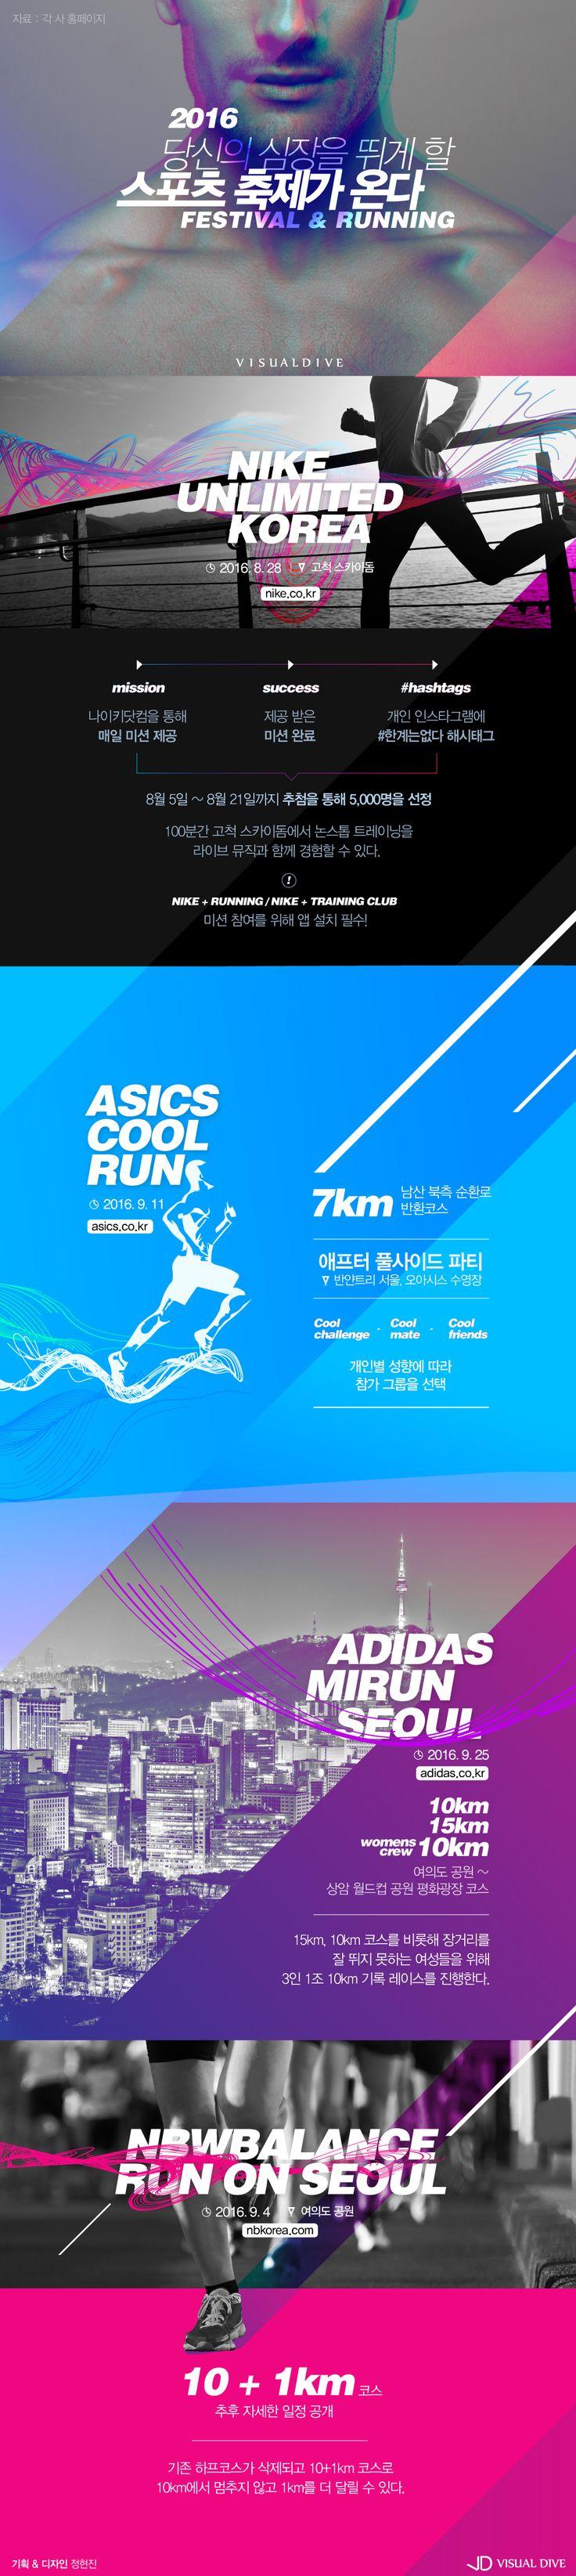 당신의 심장을 뜨겁게 만들어줄 2016 스포츠 축제 [인포그래픽] #running / #Infographic ⓒ 비주얼다이브 무단…